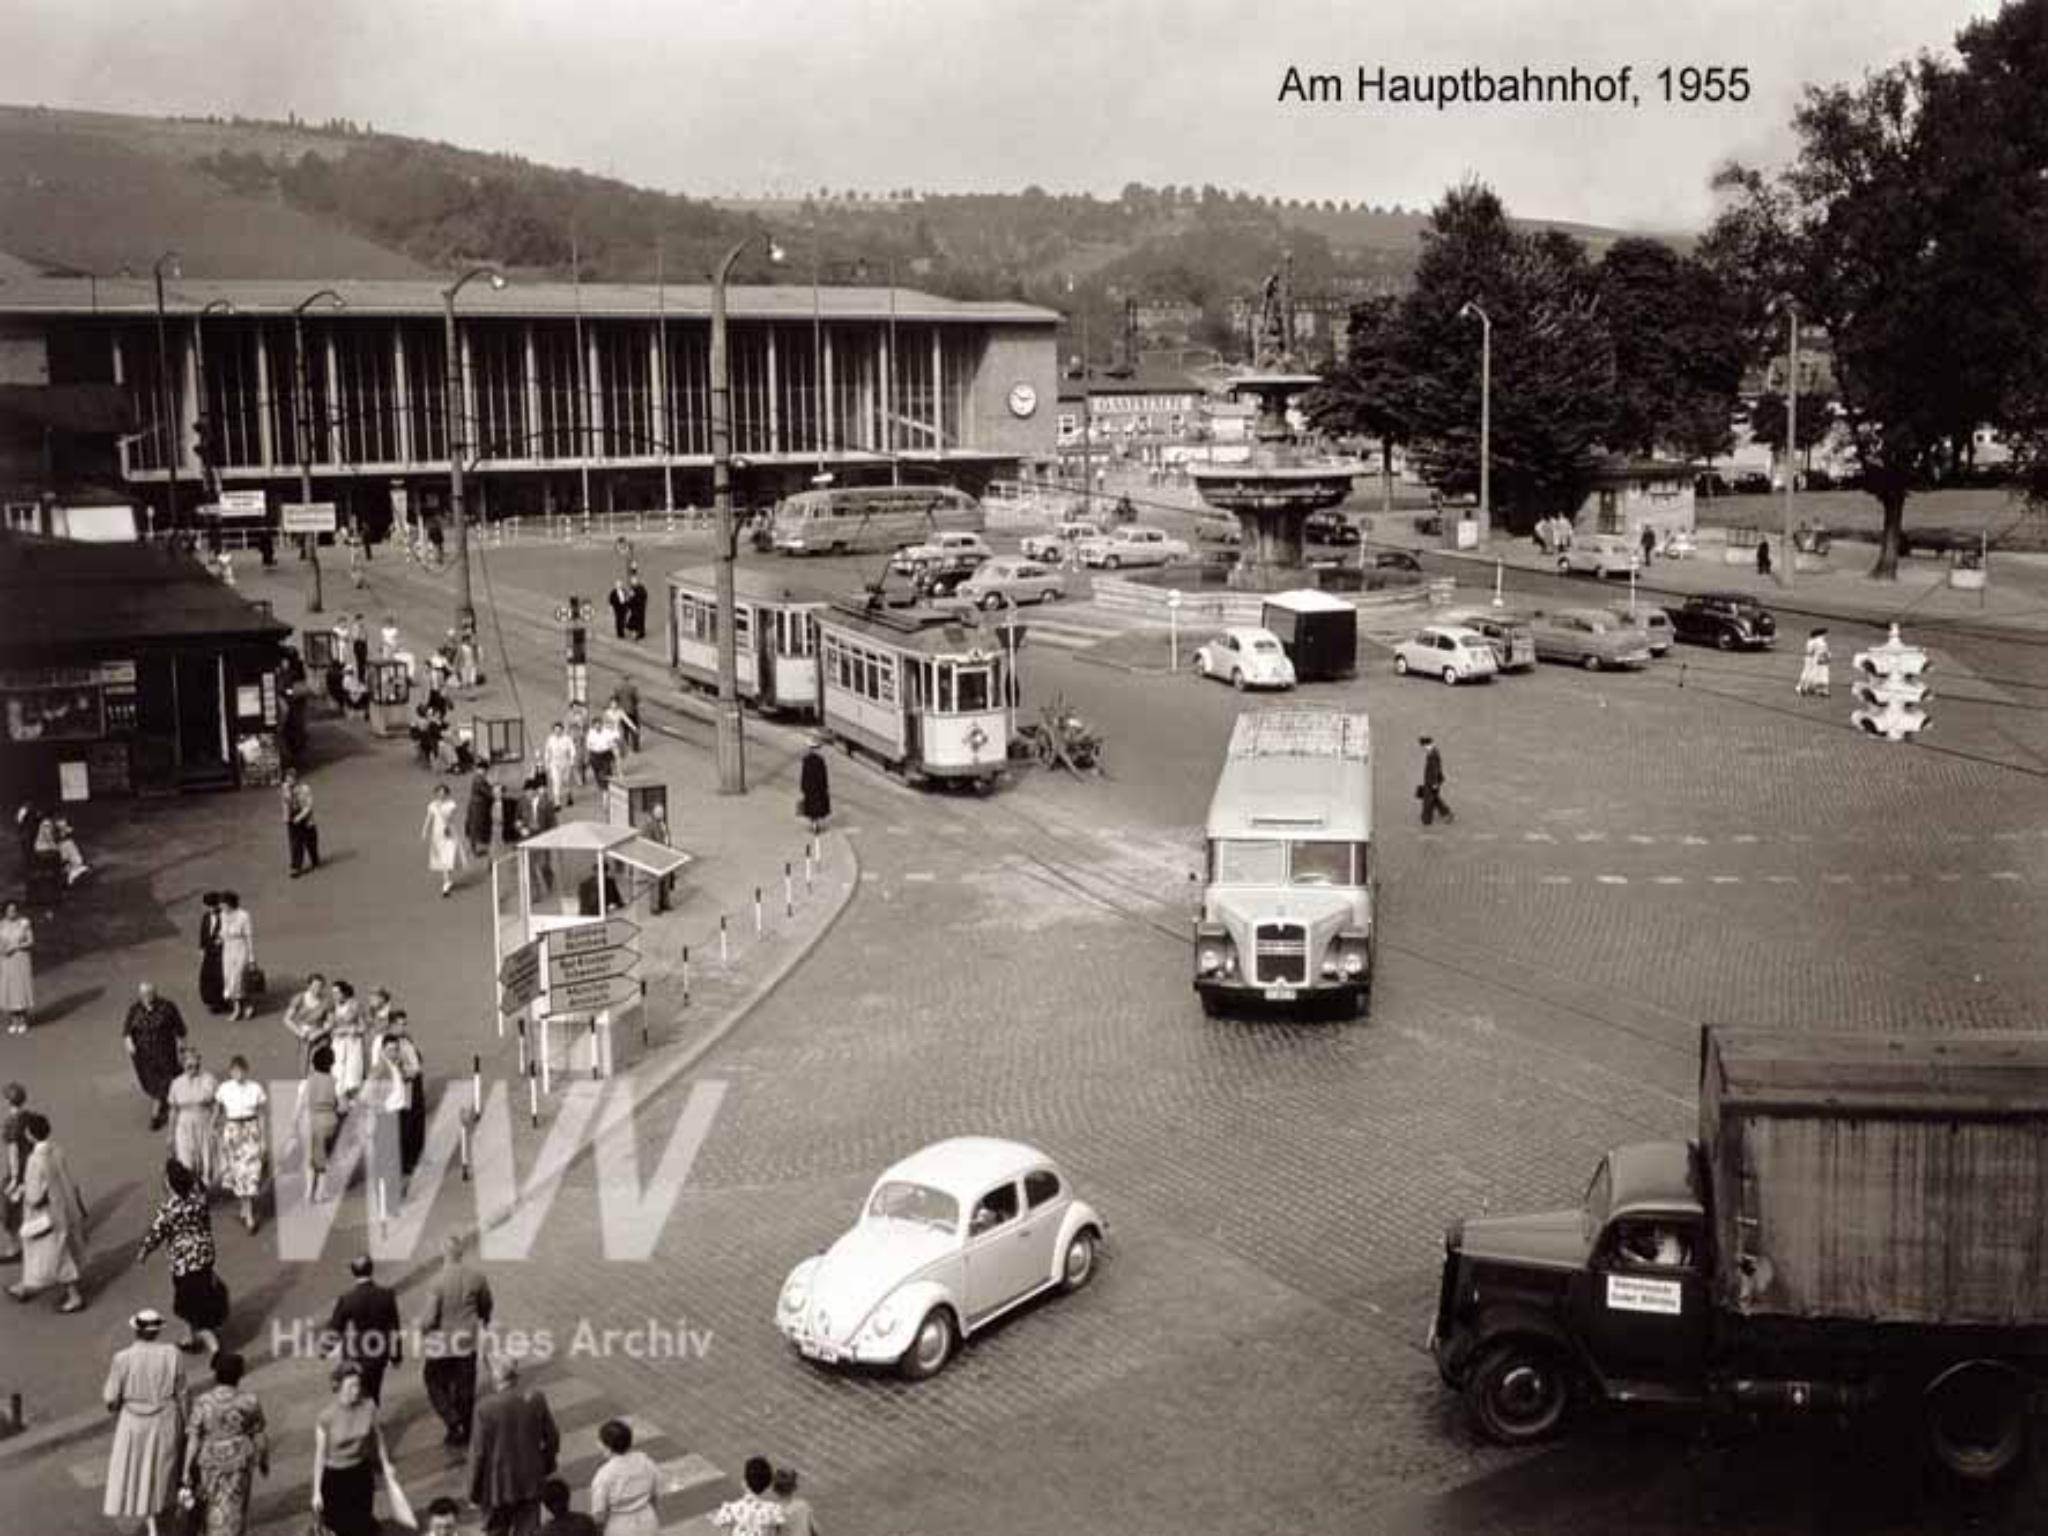 Reges Treiben auf dem Bahnhofsvorplatz im Jahr 1955. Quelle: Historisches Archiv der WVV